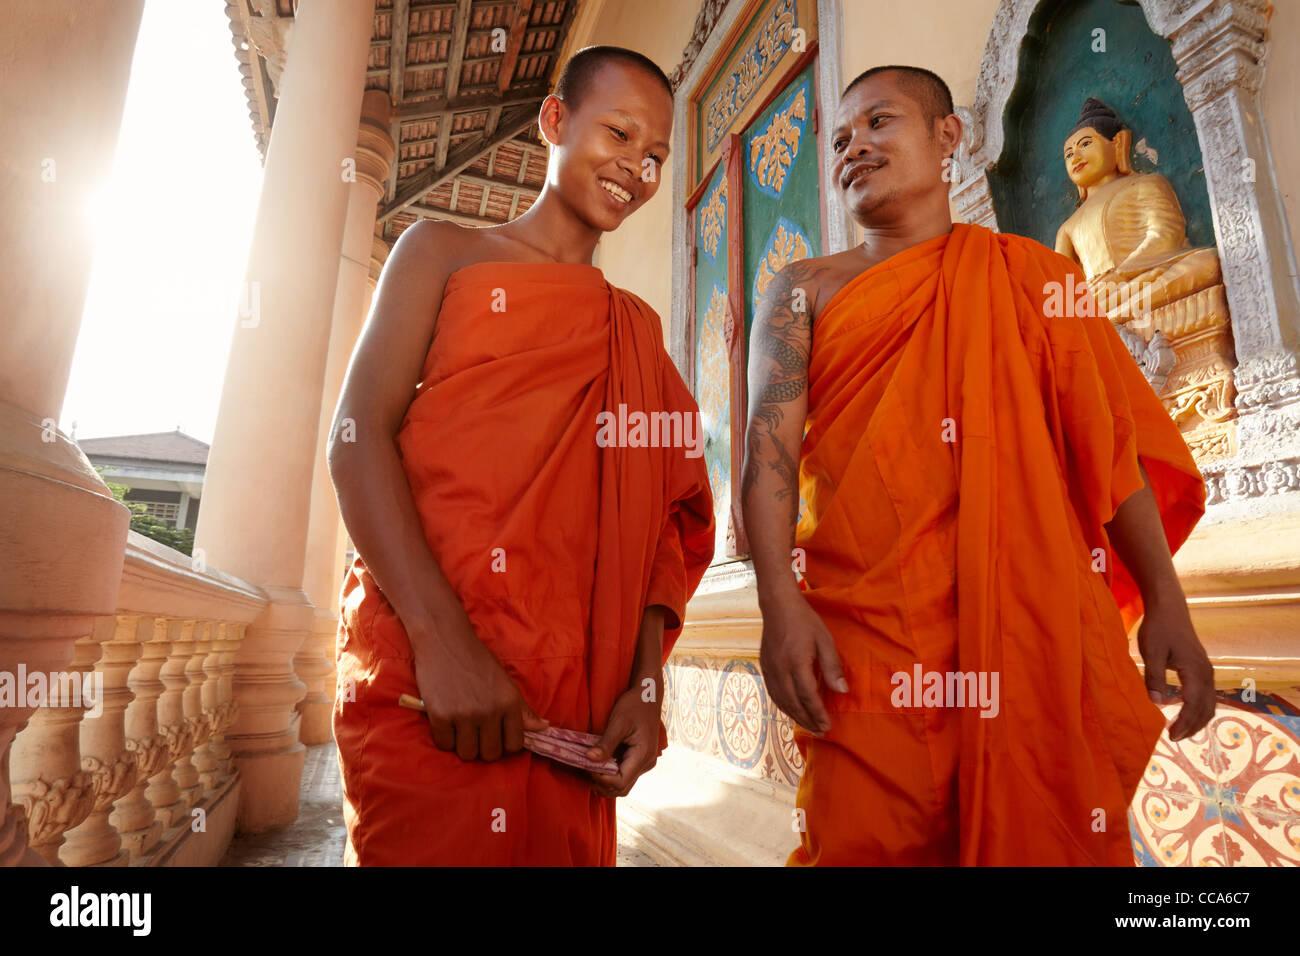 Due monaci buddisti incontro e salutando in un tempio, Phnom Penh, Cambogia, in Asia. Dolly shot Immagini Stock